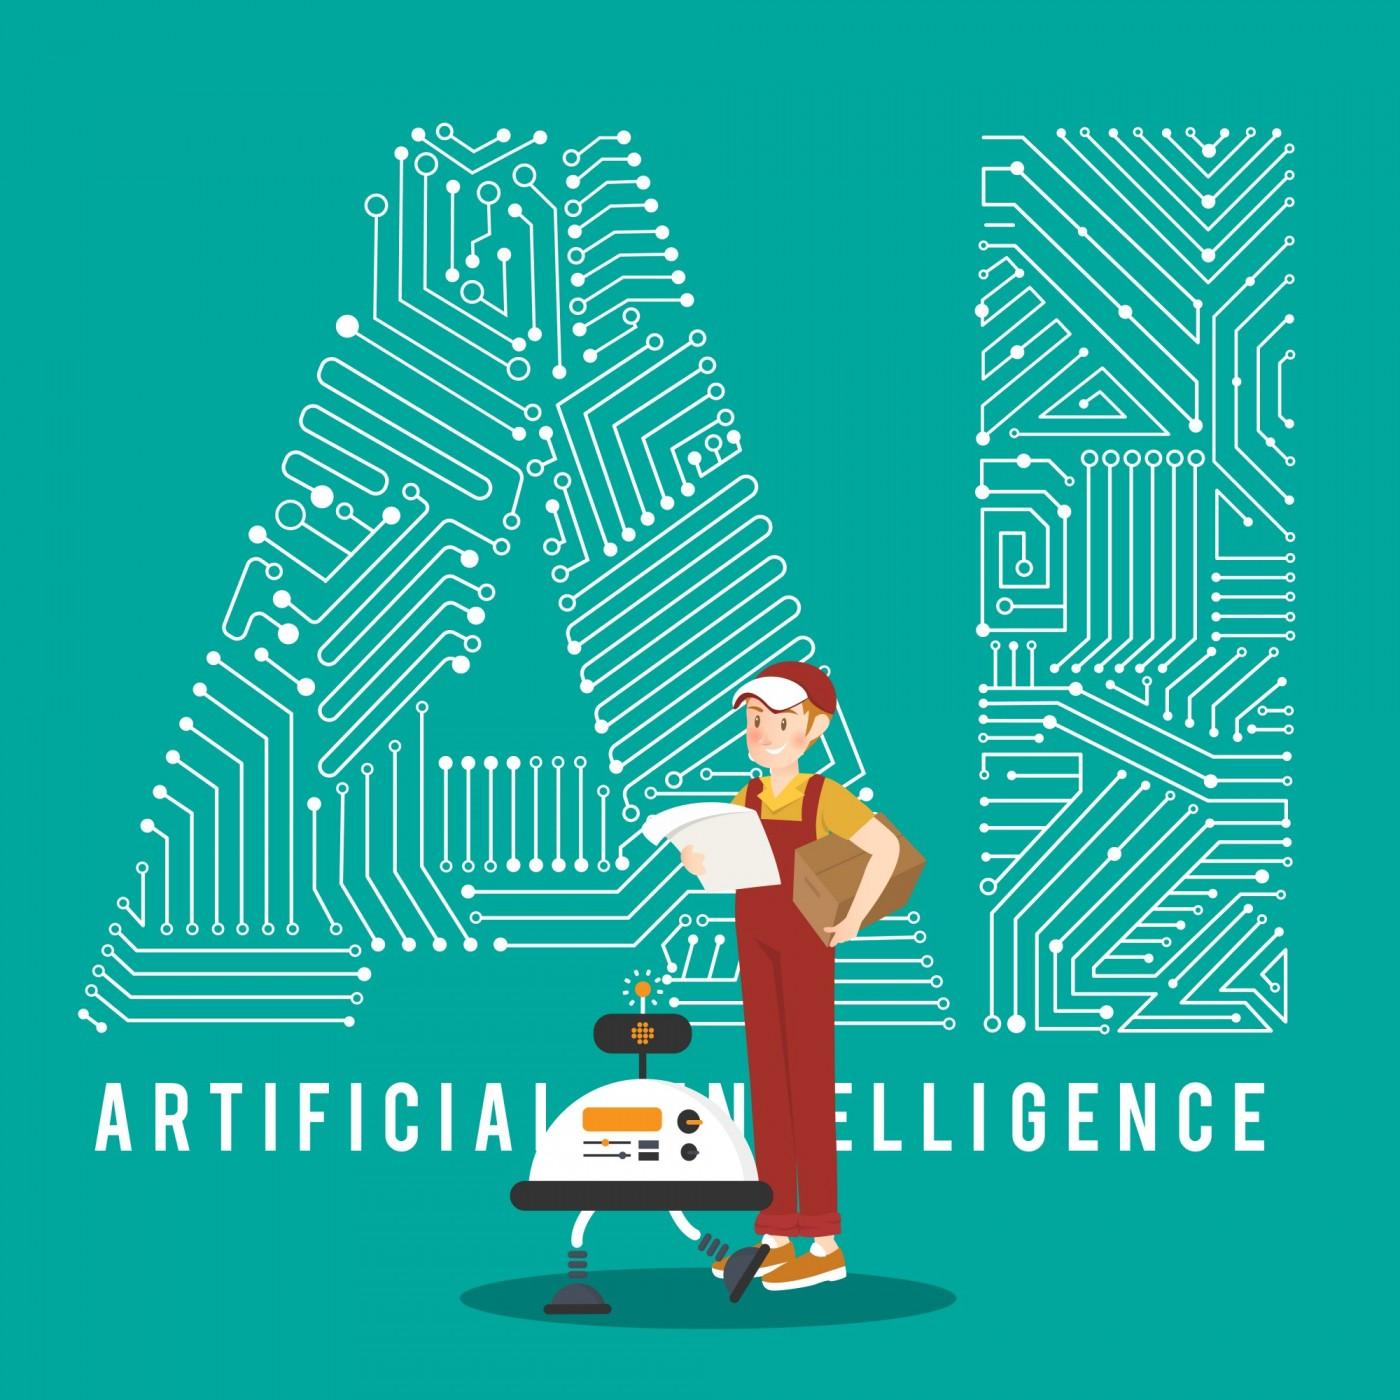 資料科學家是否有隨著AI發展一起進化?